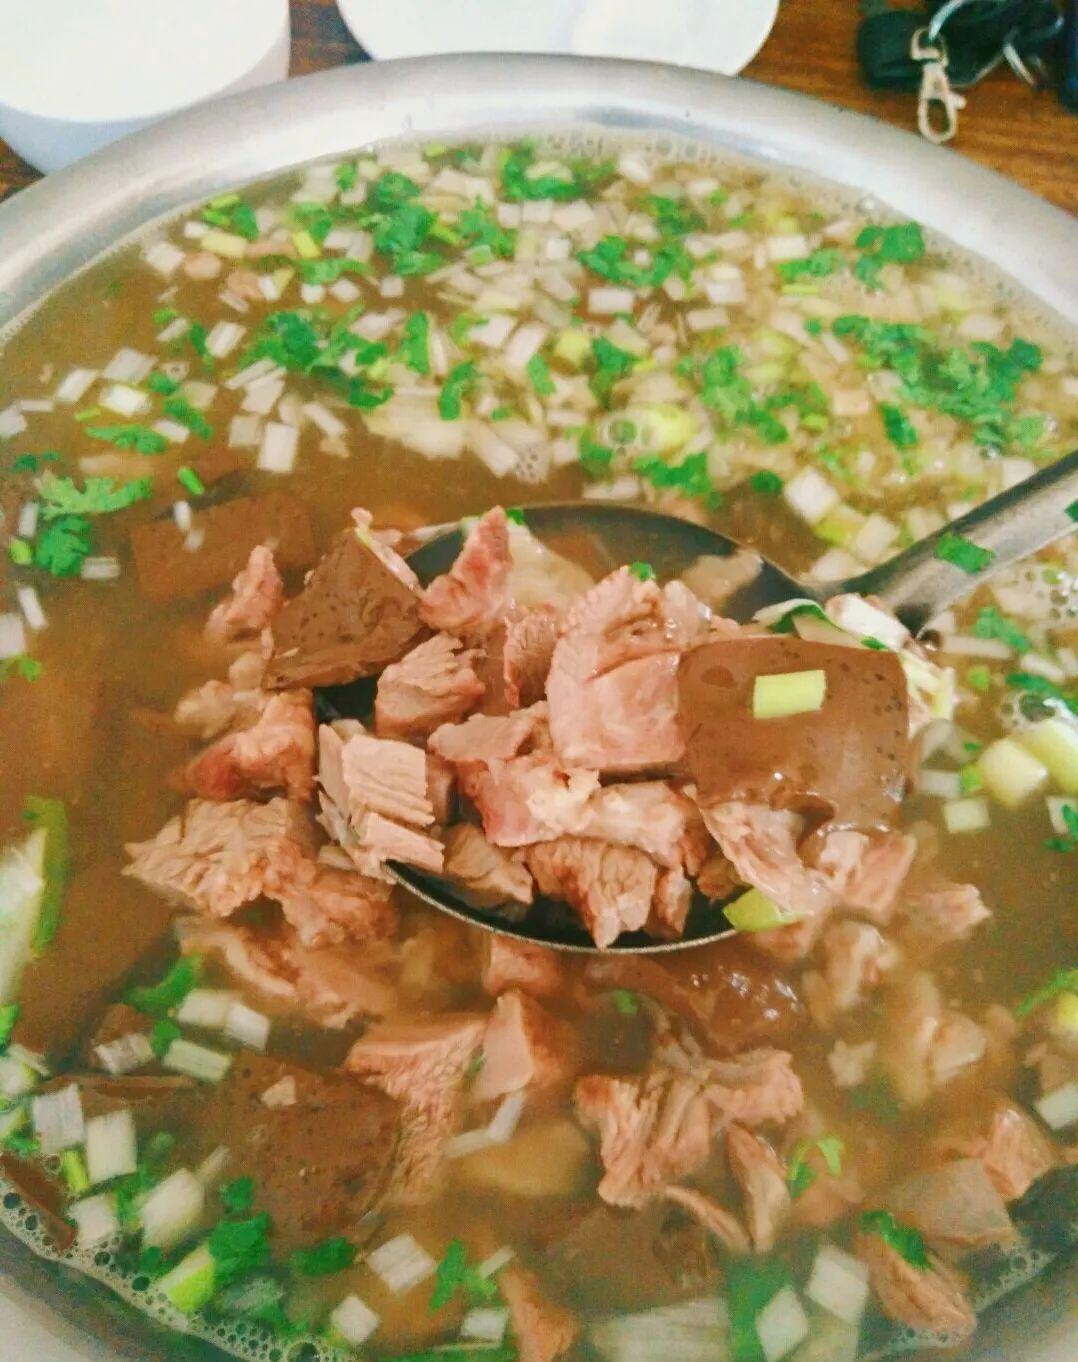 △//临朐五井全羊汤,一盆全羊汤能容纳羊身上大部分部位的肉,有着酸辣麻香的美味。